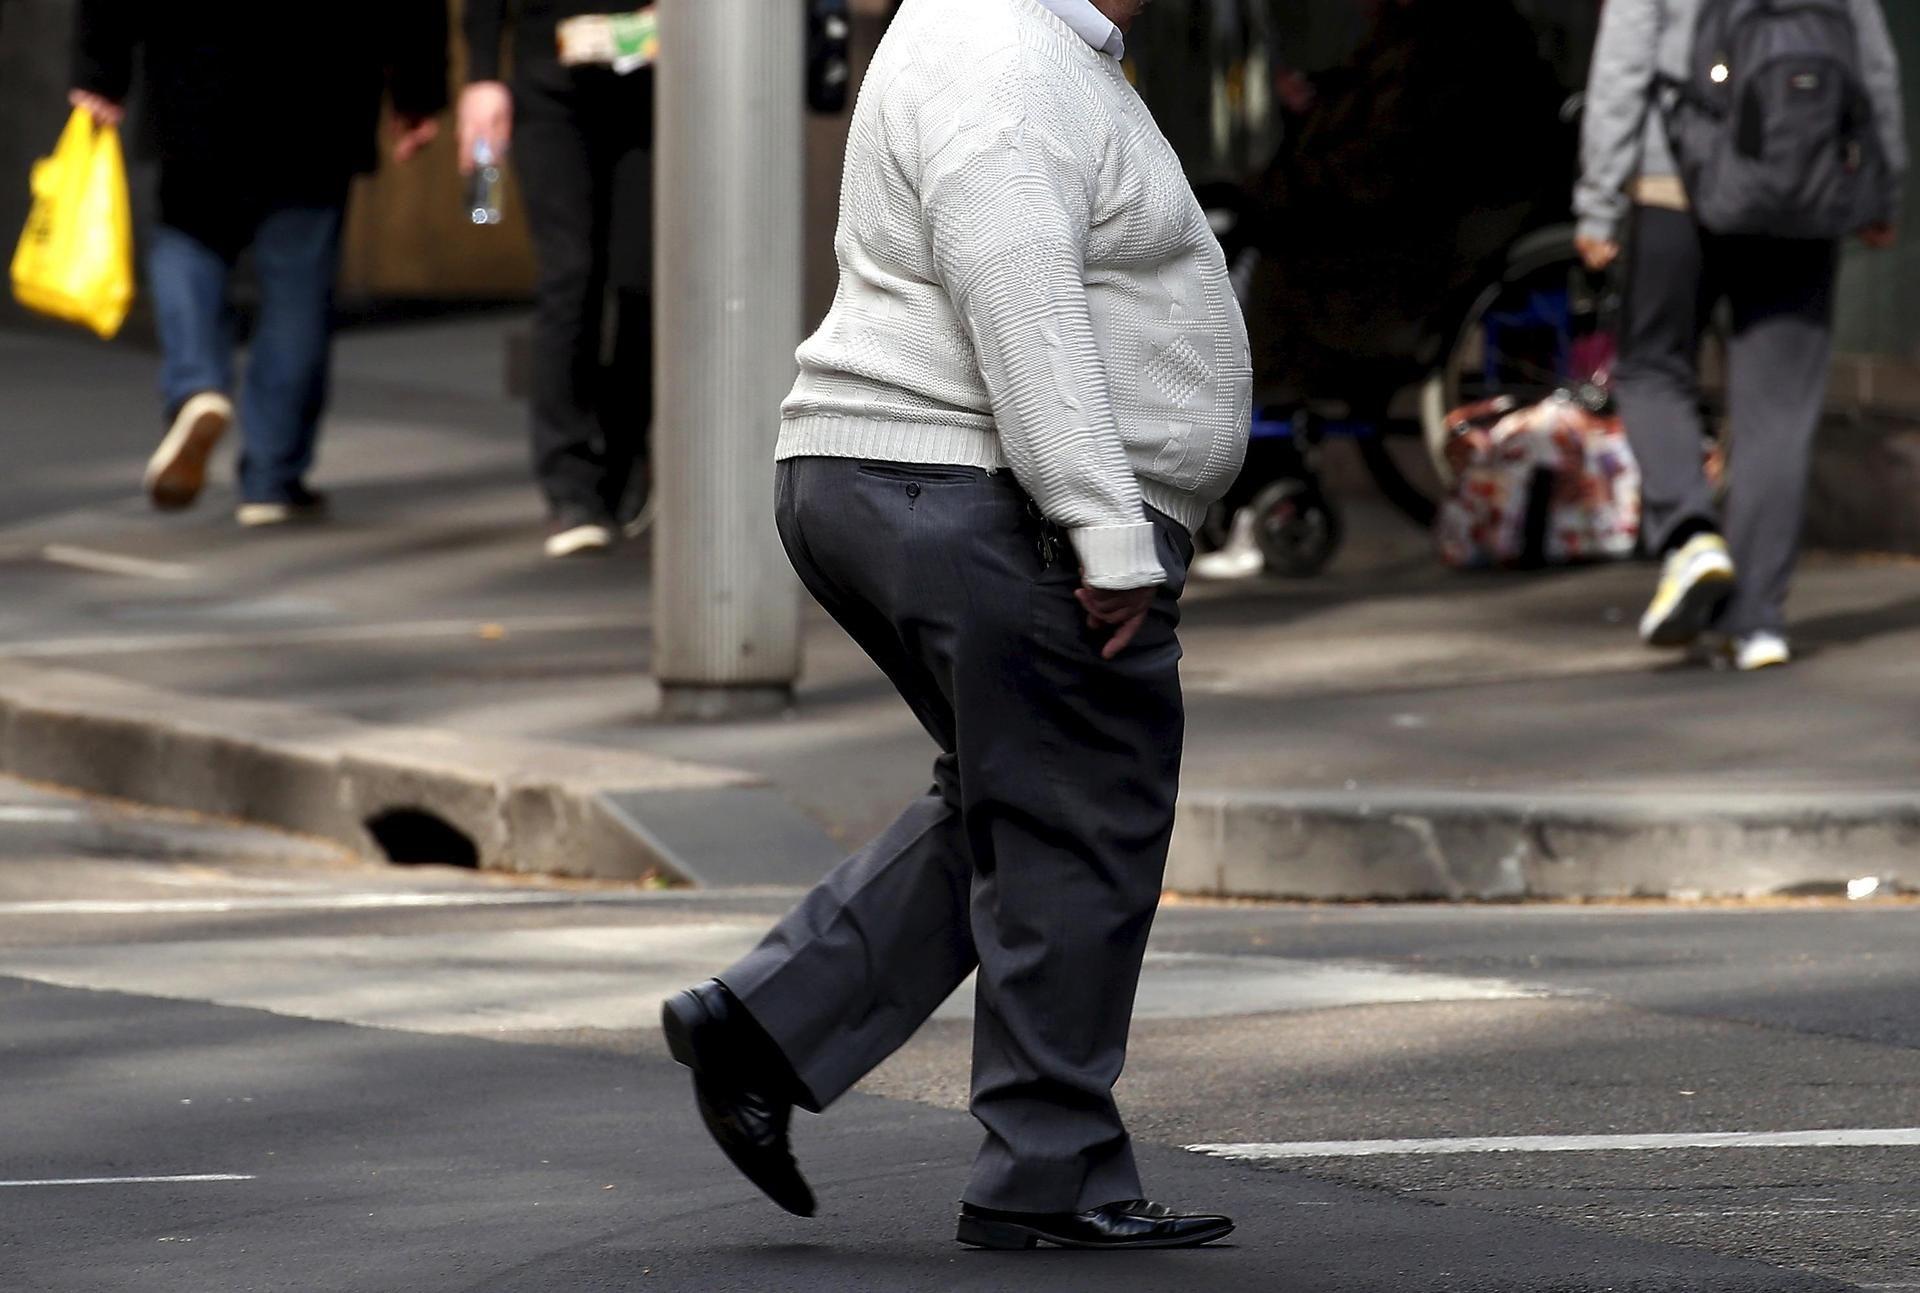 Maailmassa on jo enemmän liikalihavia kuin alipainoisia – yli kolme miljoona ihmistä kuolee ylipainon takia vuosittain | Lihavuus | HS